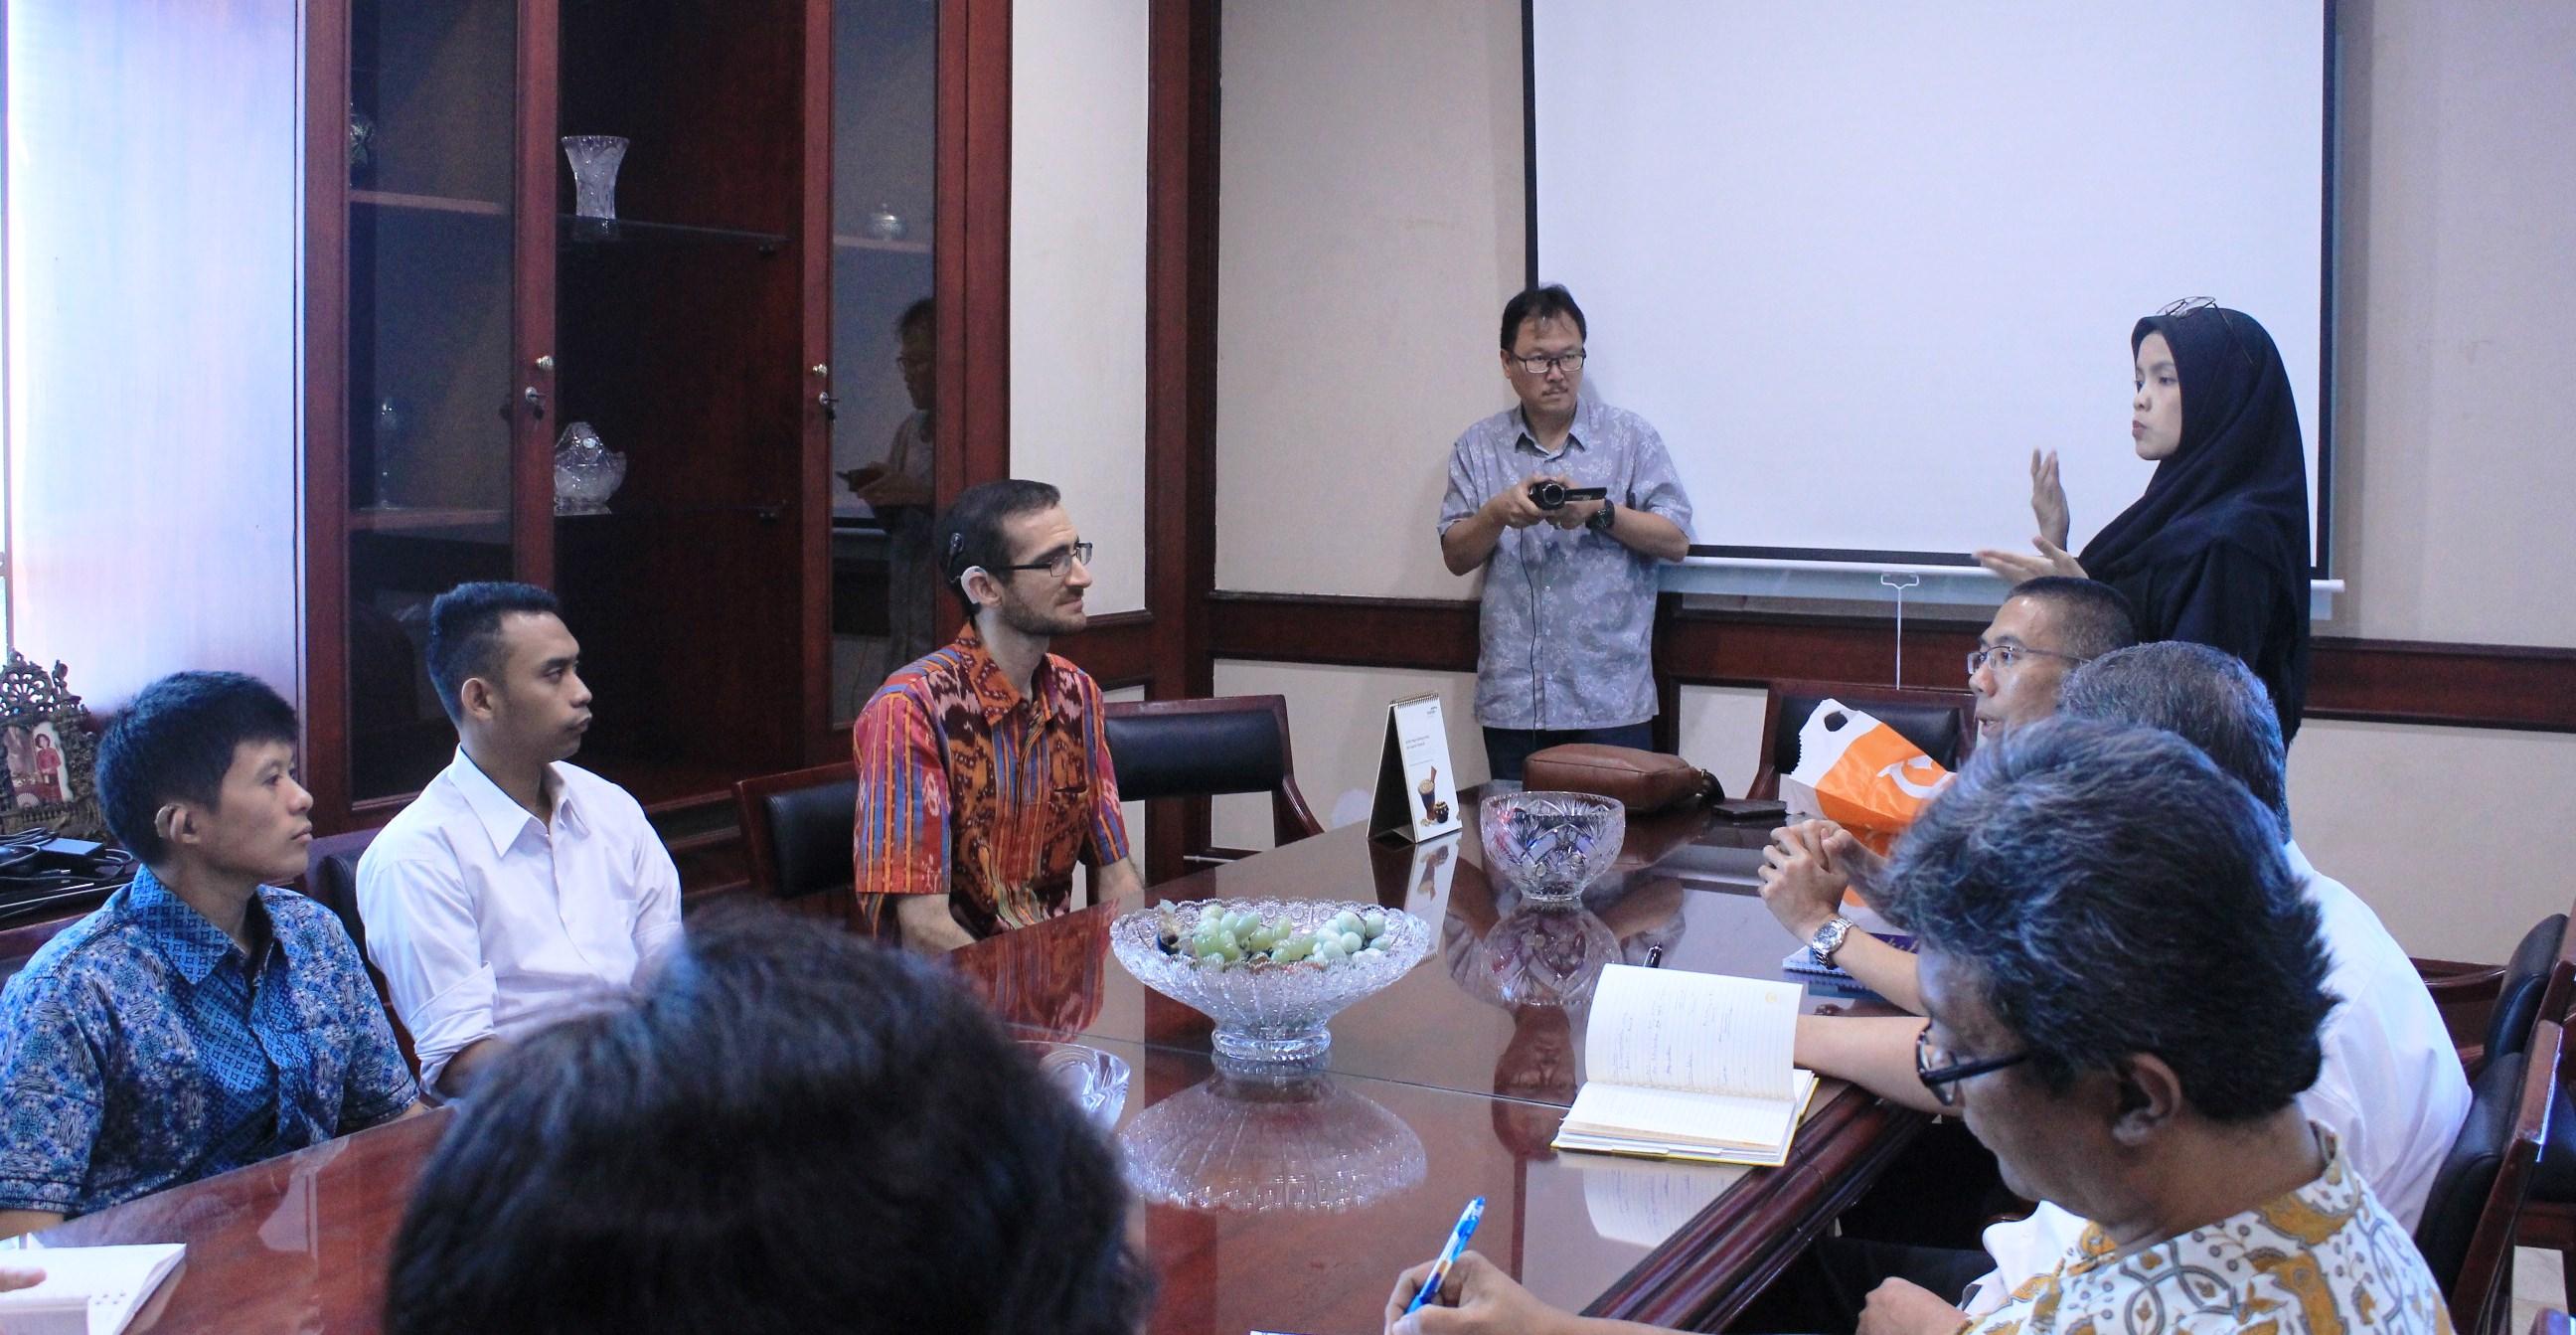 Esa Unggul Kampus Pertama di Indonesia Terima Mahasiswa Tuna Rungu di Fakultas Hukum